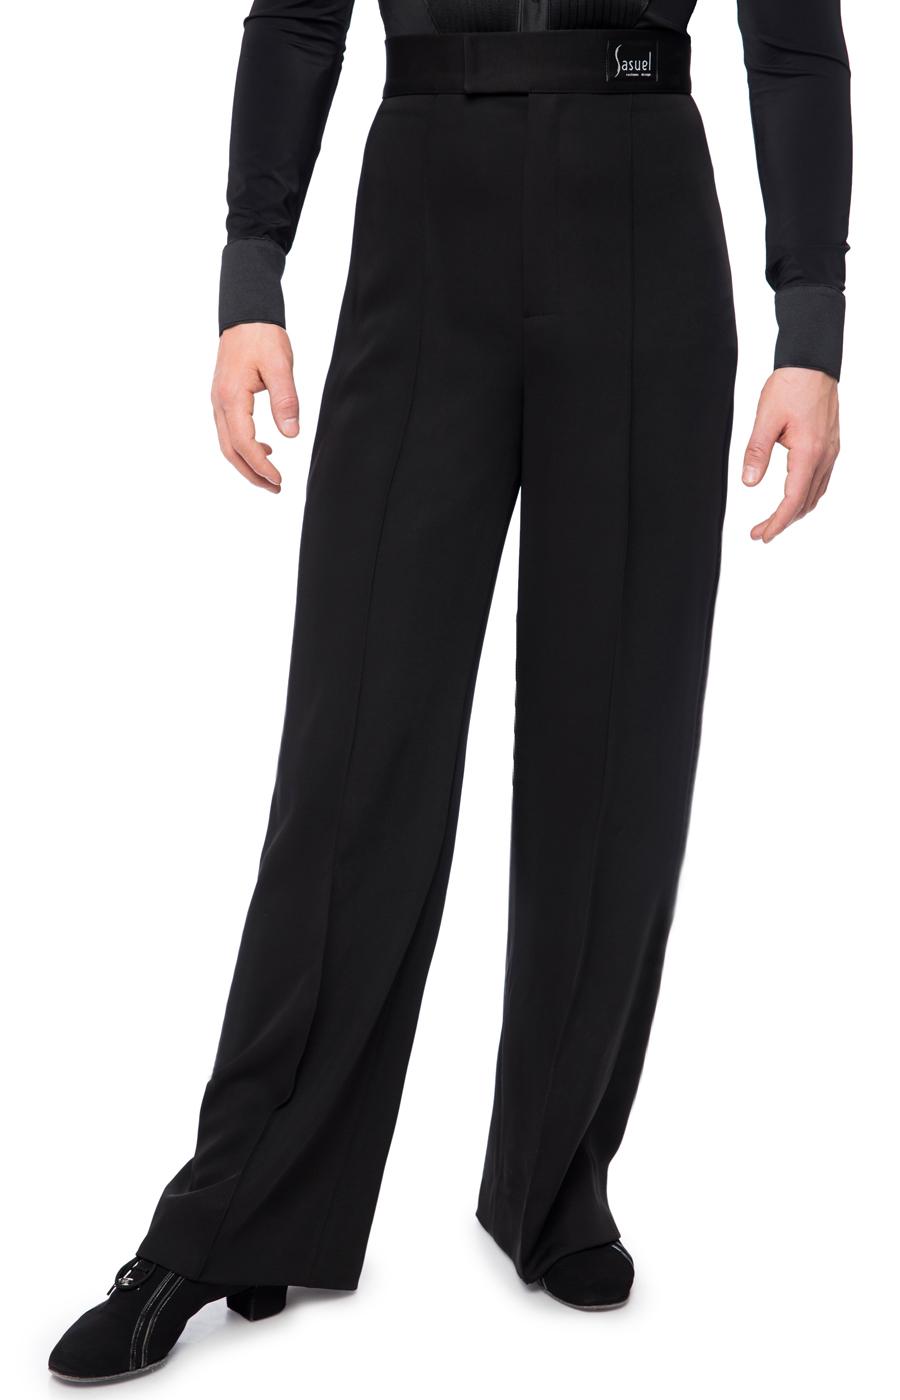 Men's basic trousers